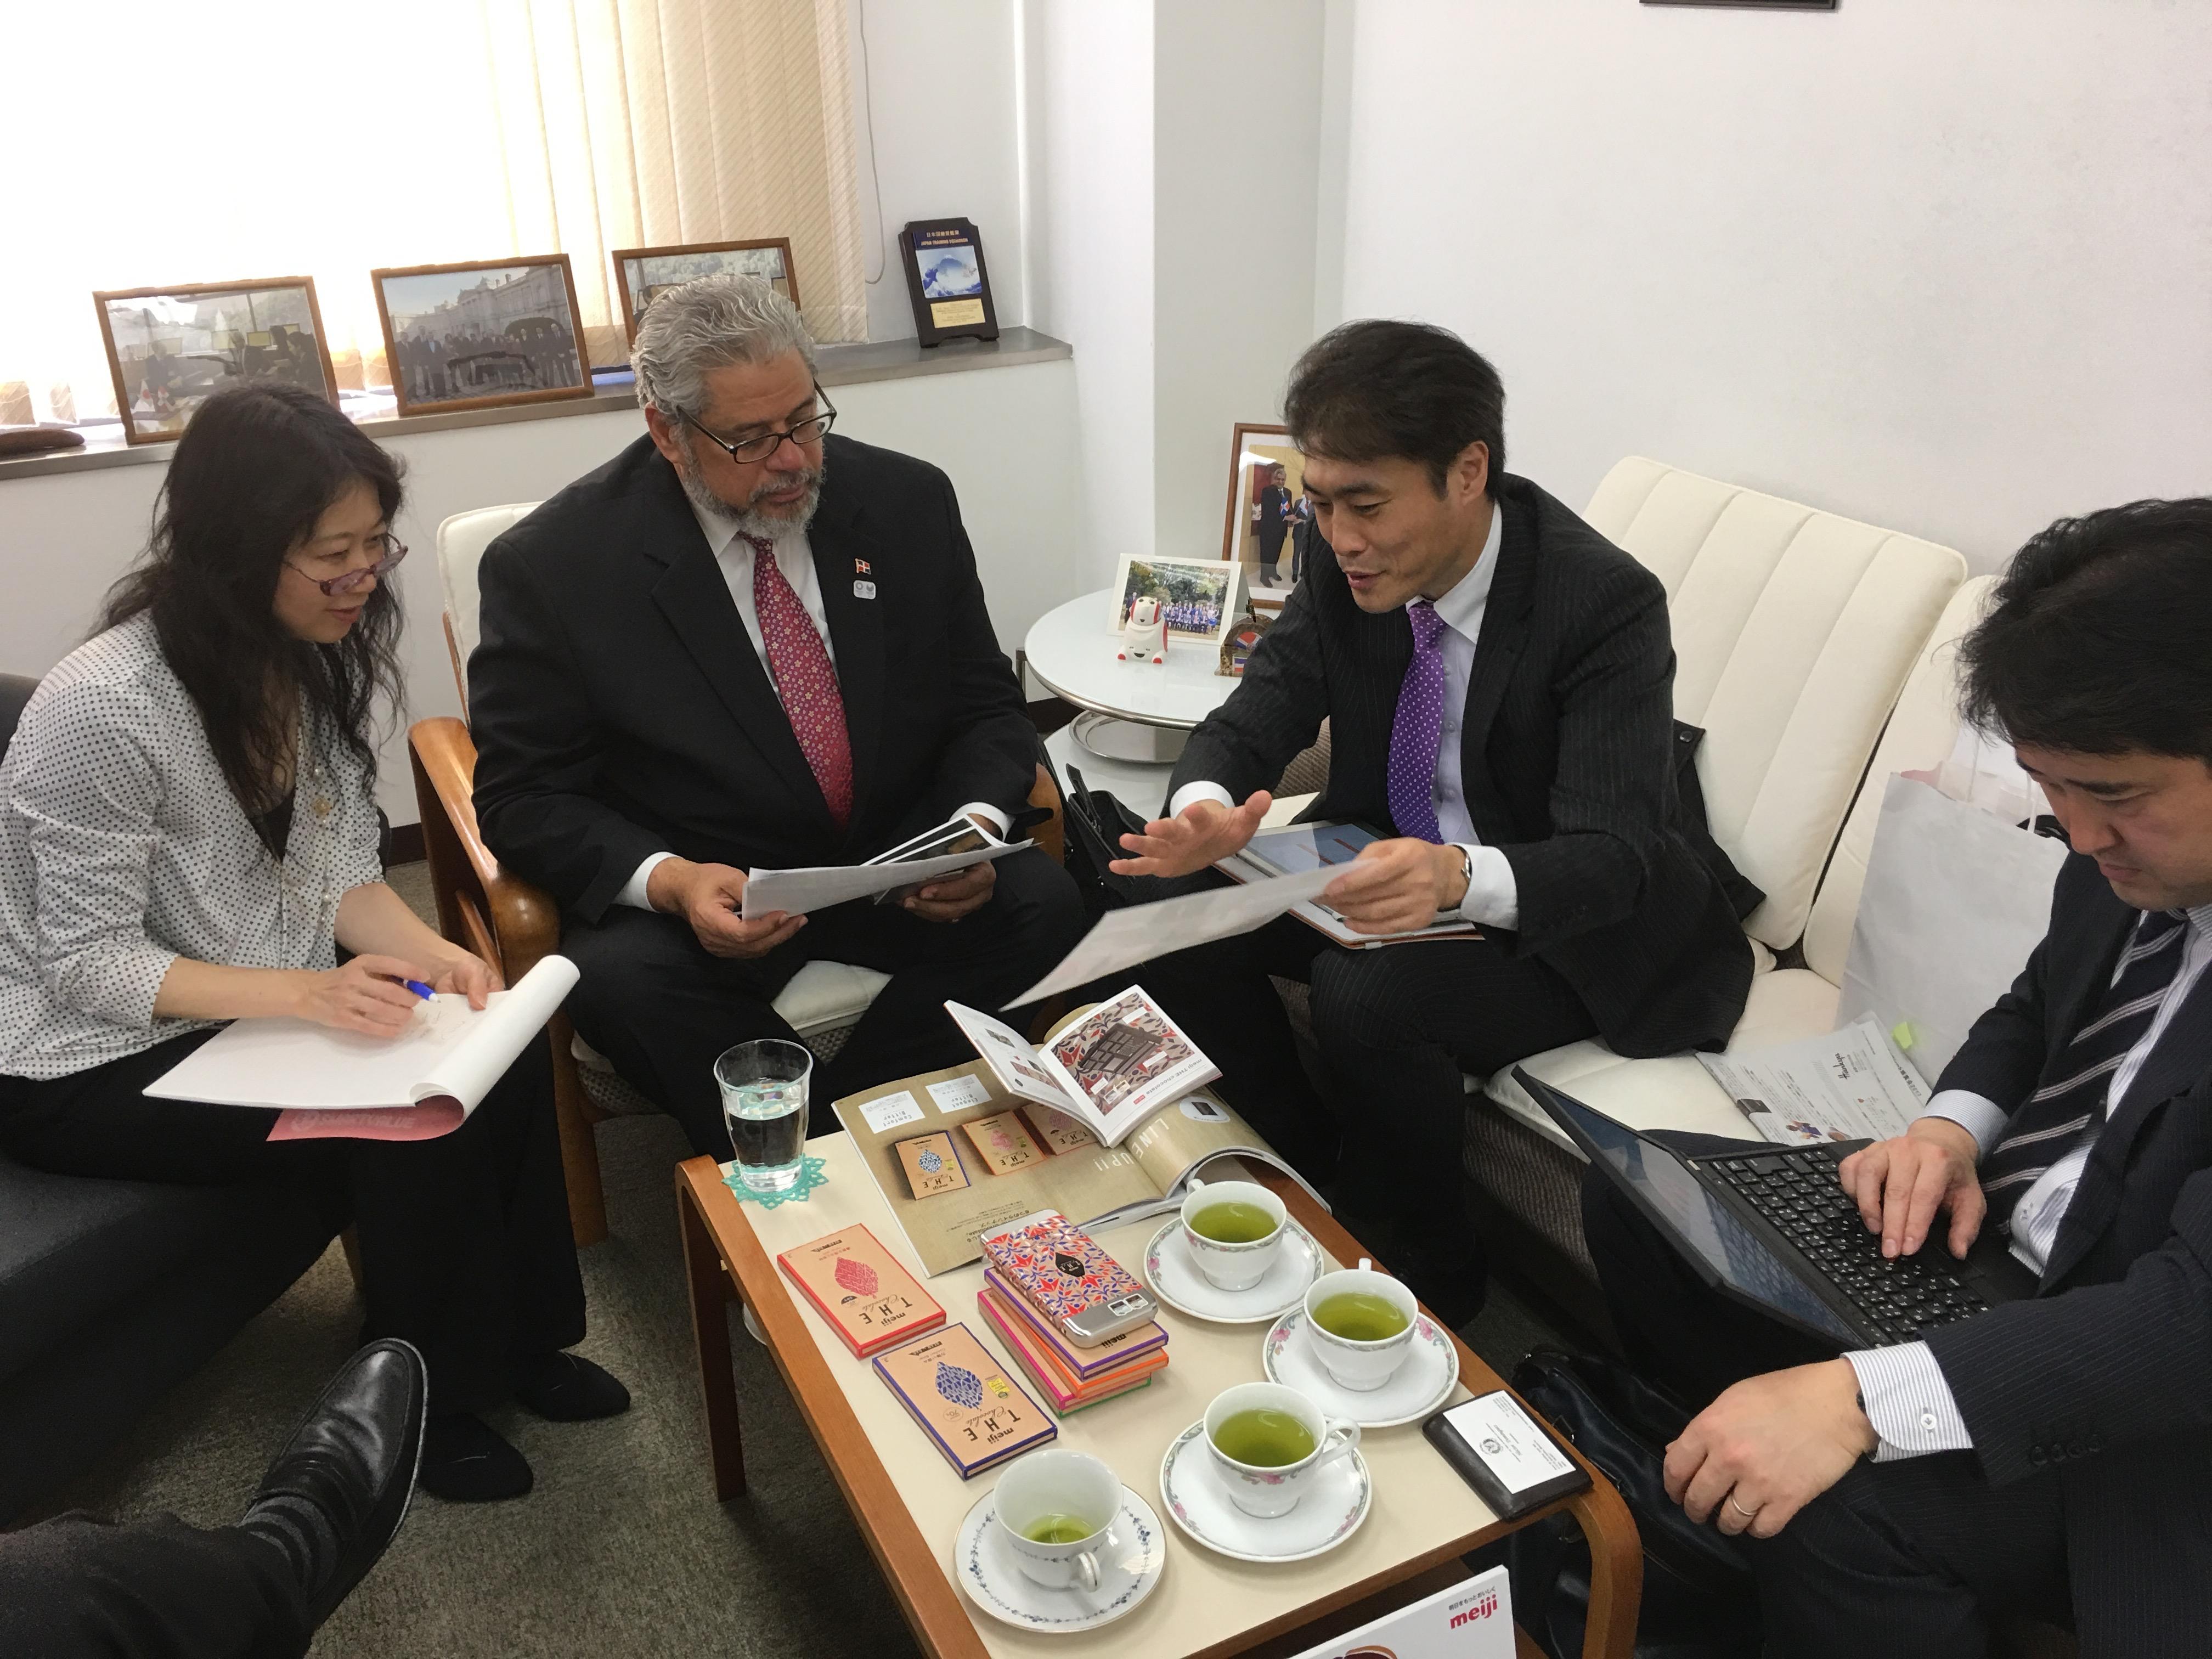 明治HD社の駐日ドミニカ共和国大使館訪問 (Una visita de cortesía por el grupo Meiji a la Embajada Dominicana)